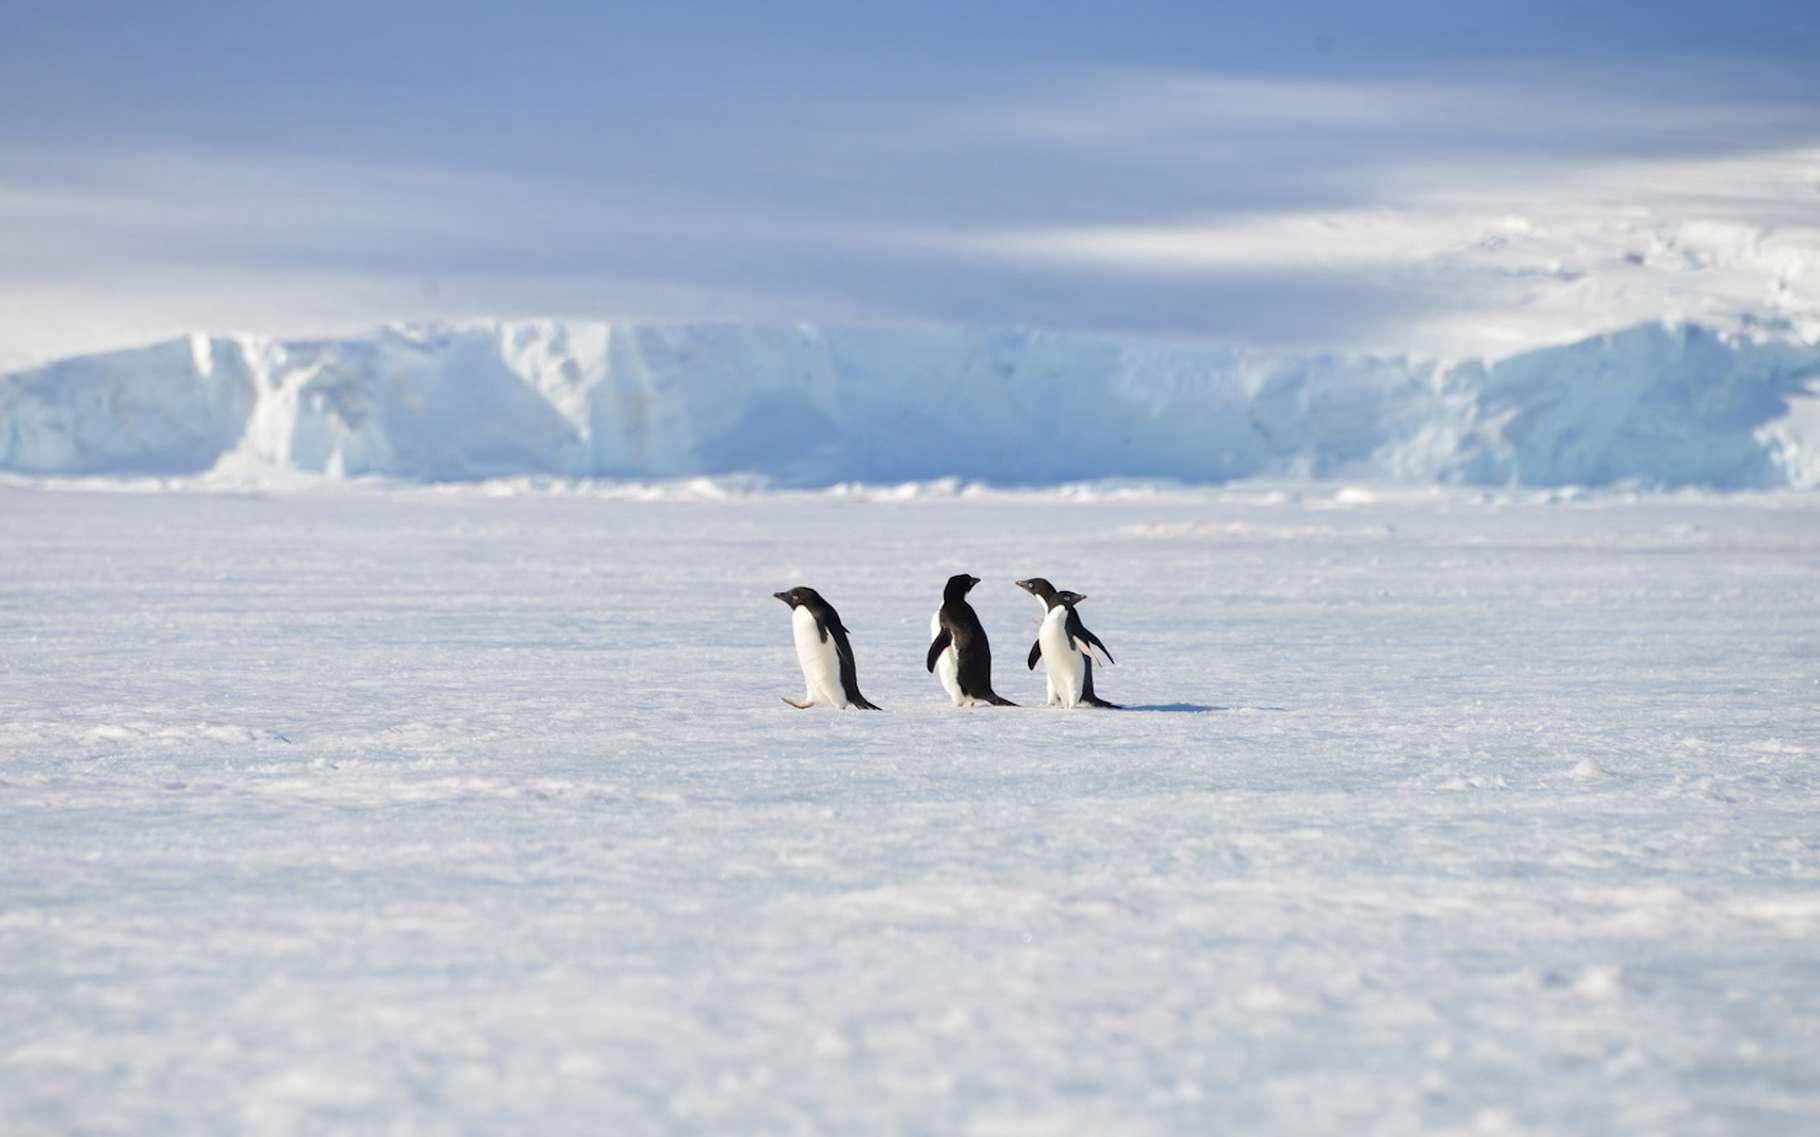 L'Antarctique cache encore des secrets. Une récente étude en fait la preuve. Elle montre qu'au cœur du continent, une mystérieuse source chaude fait fondre la glace. © vormenmedia, Fotolia